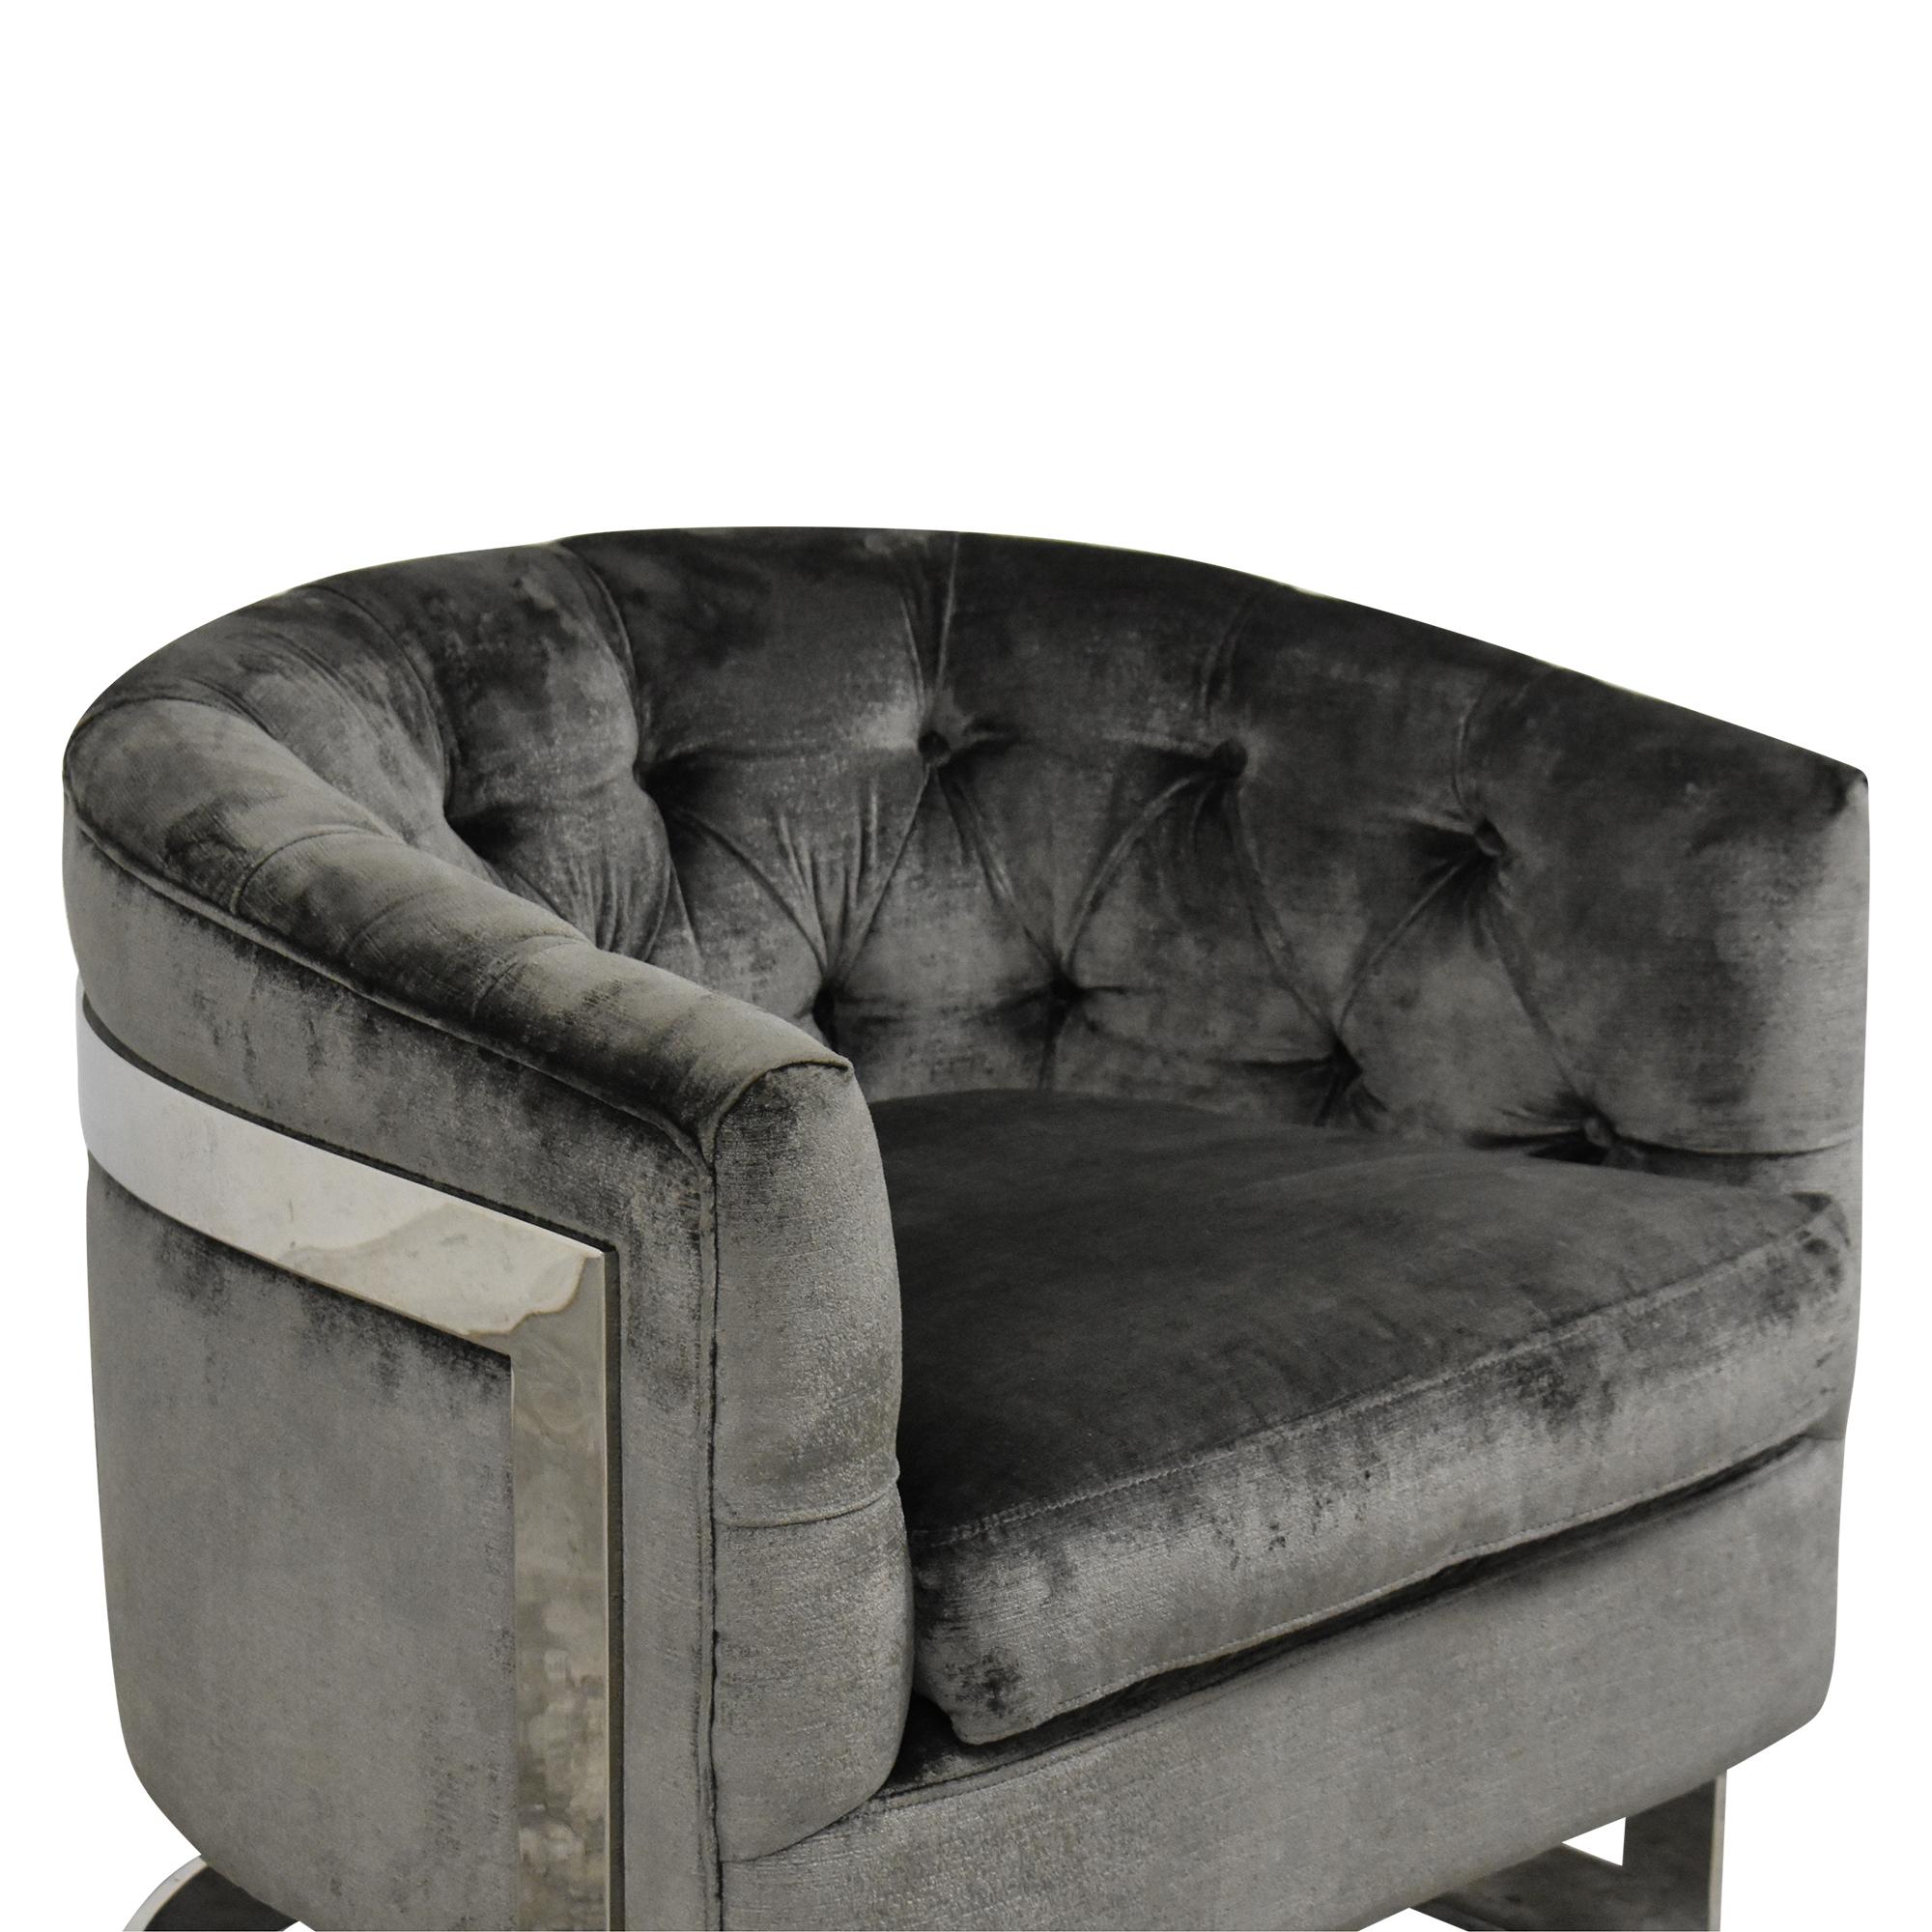 Safavieh Safavieh Zealand Accent Chair ct